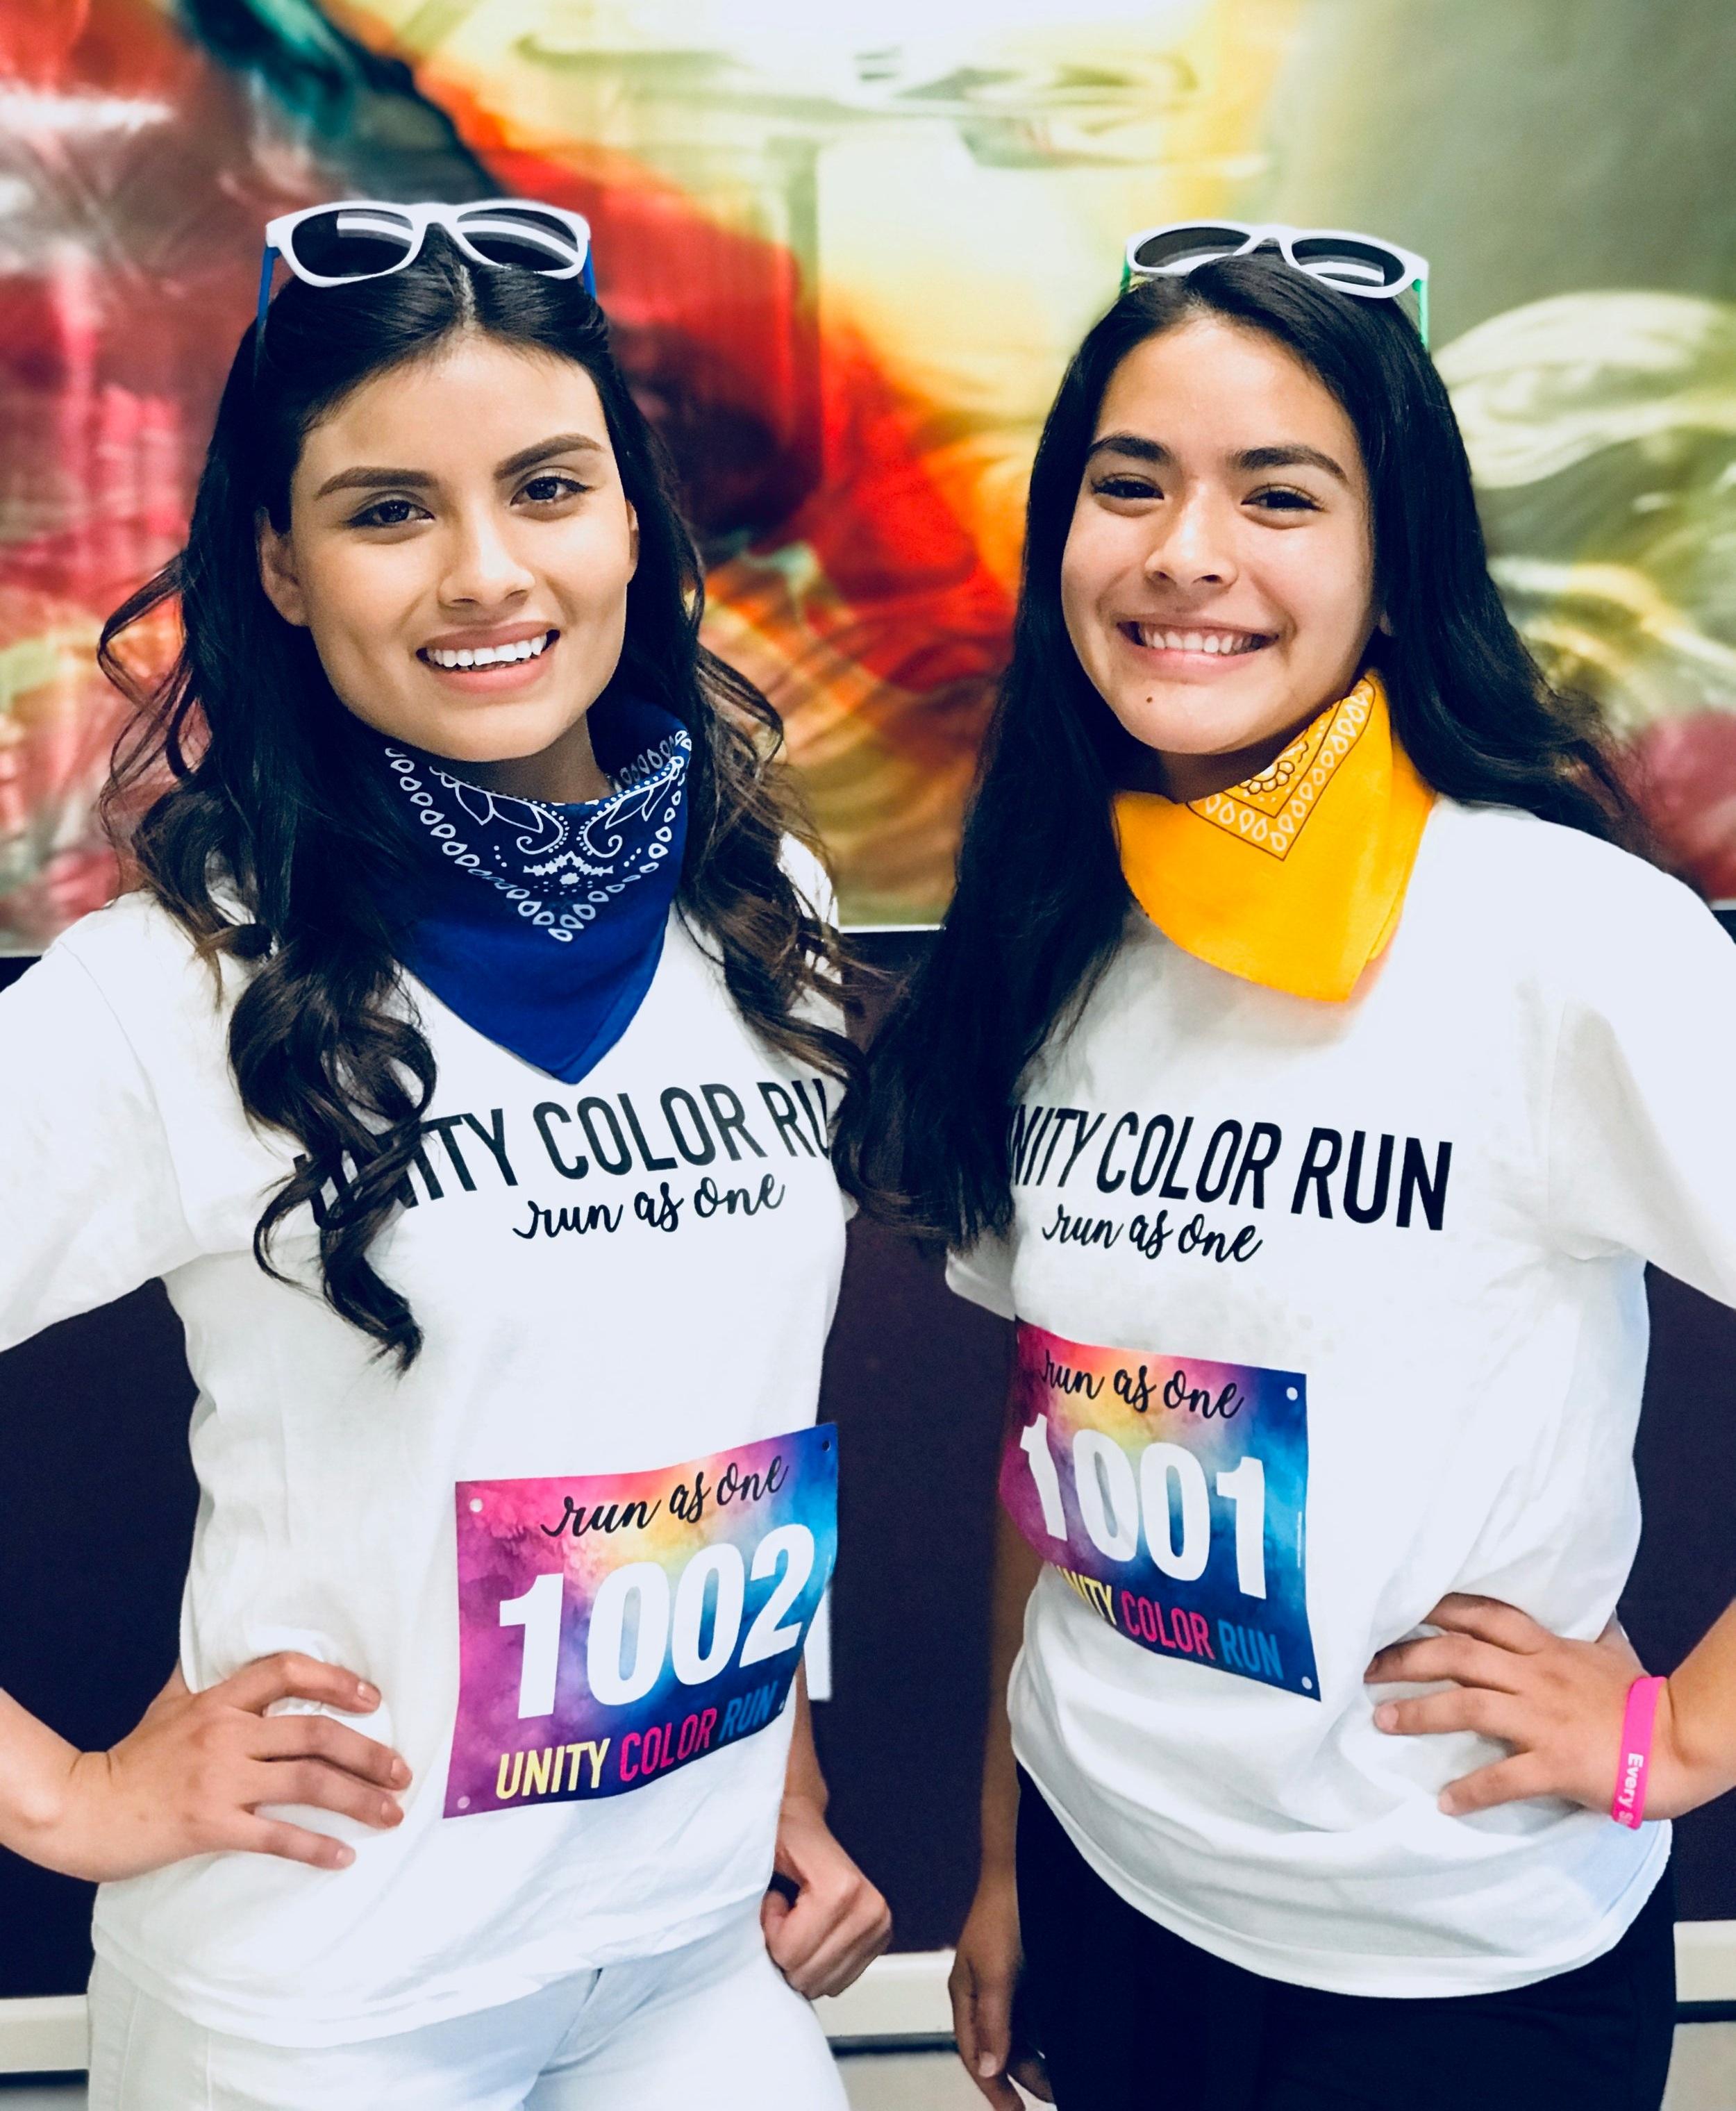 Unity+Color+Run+Runner+Kit